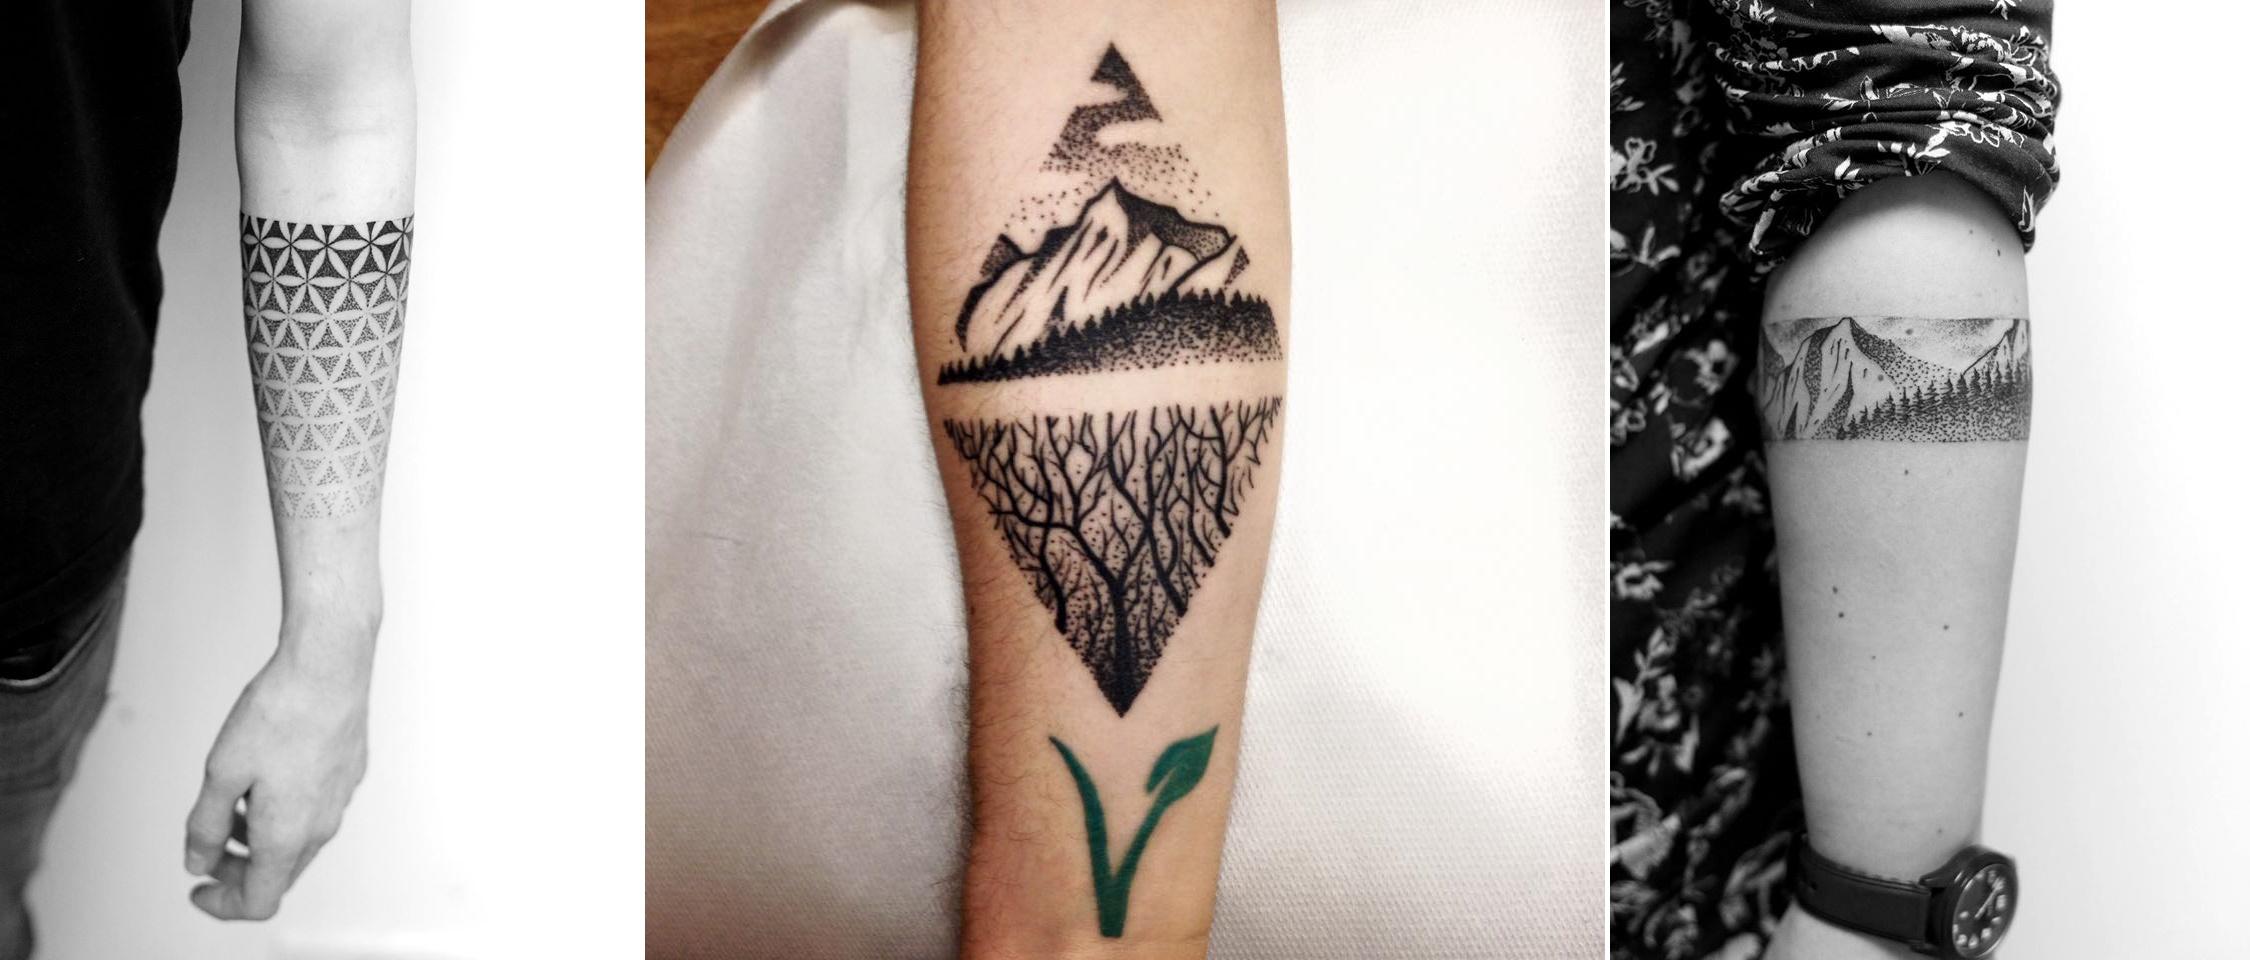 Czy Tatuaże Są Wegańskie Aśka Rzeźnik Wcześniej Mortycja